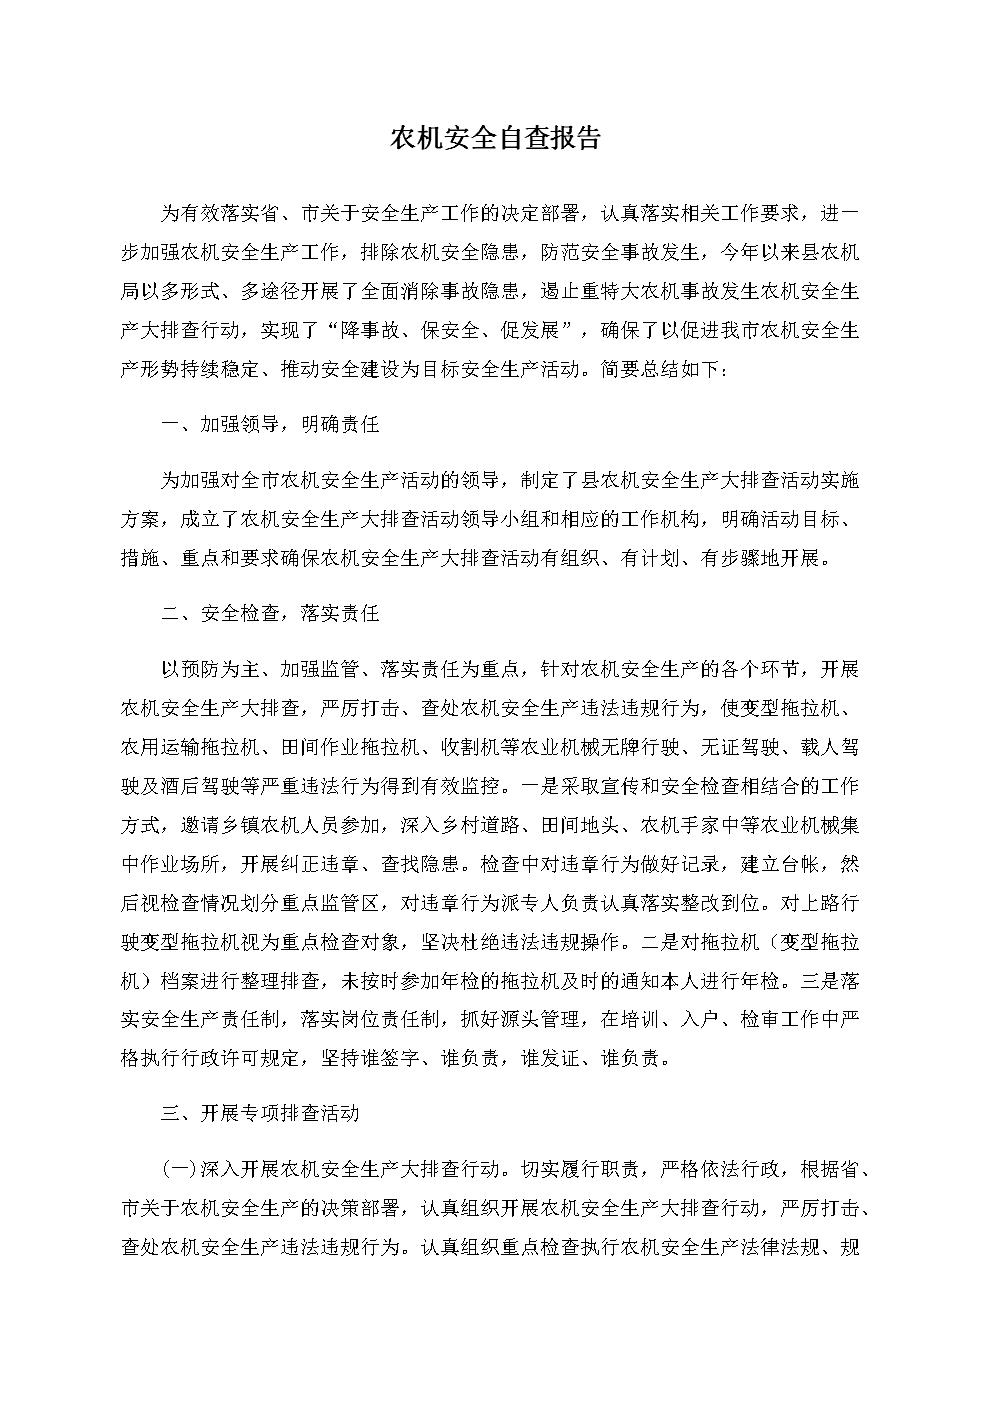 农机安全自查报告.docx